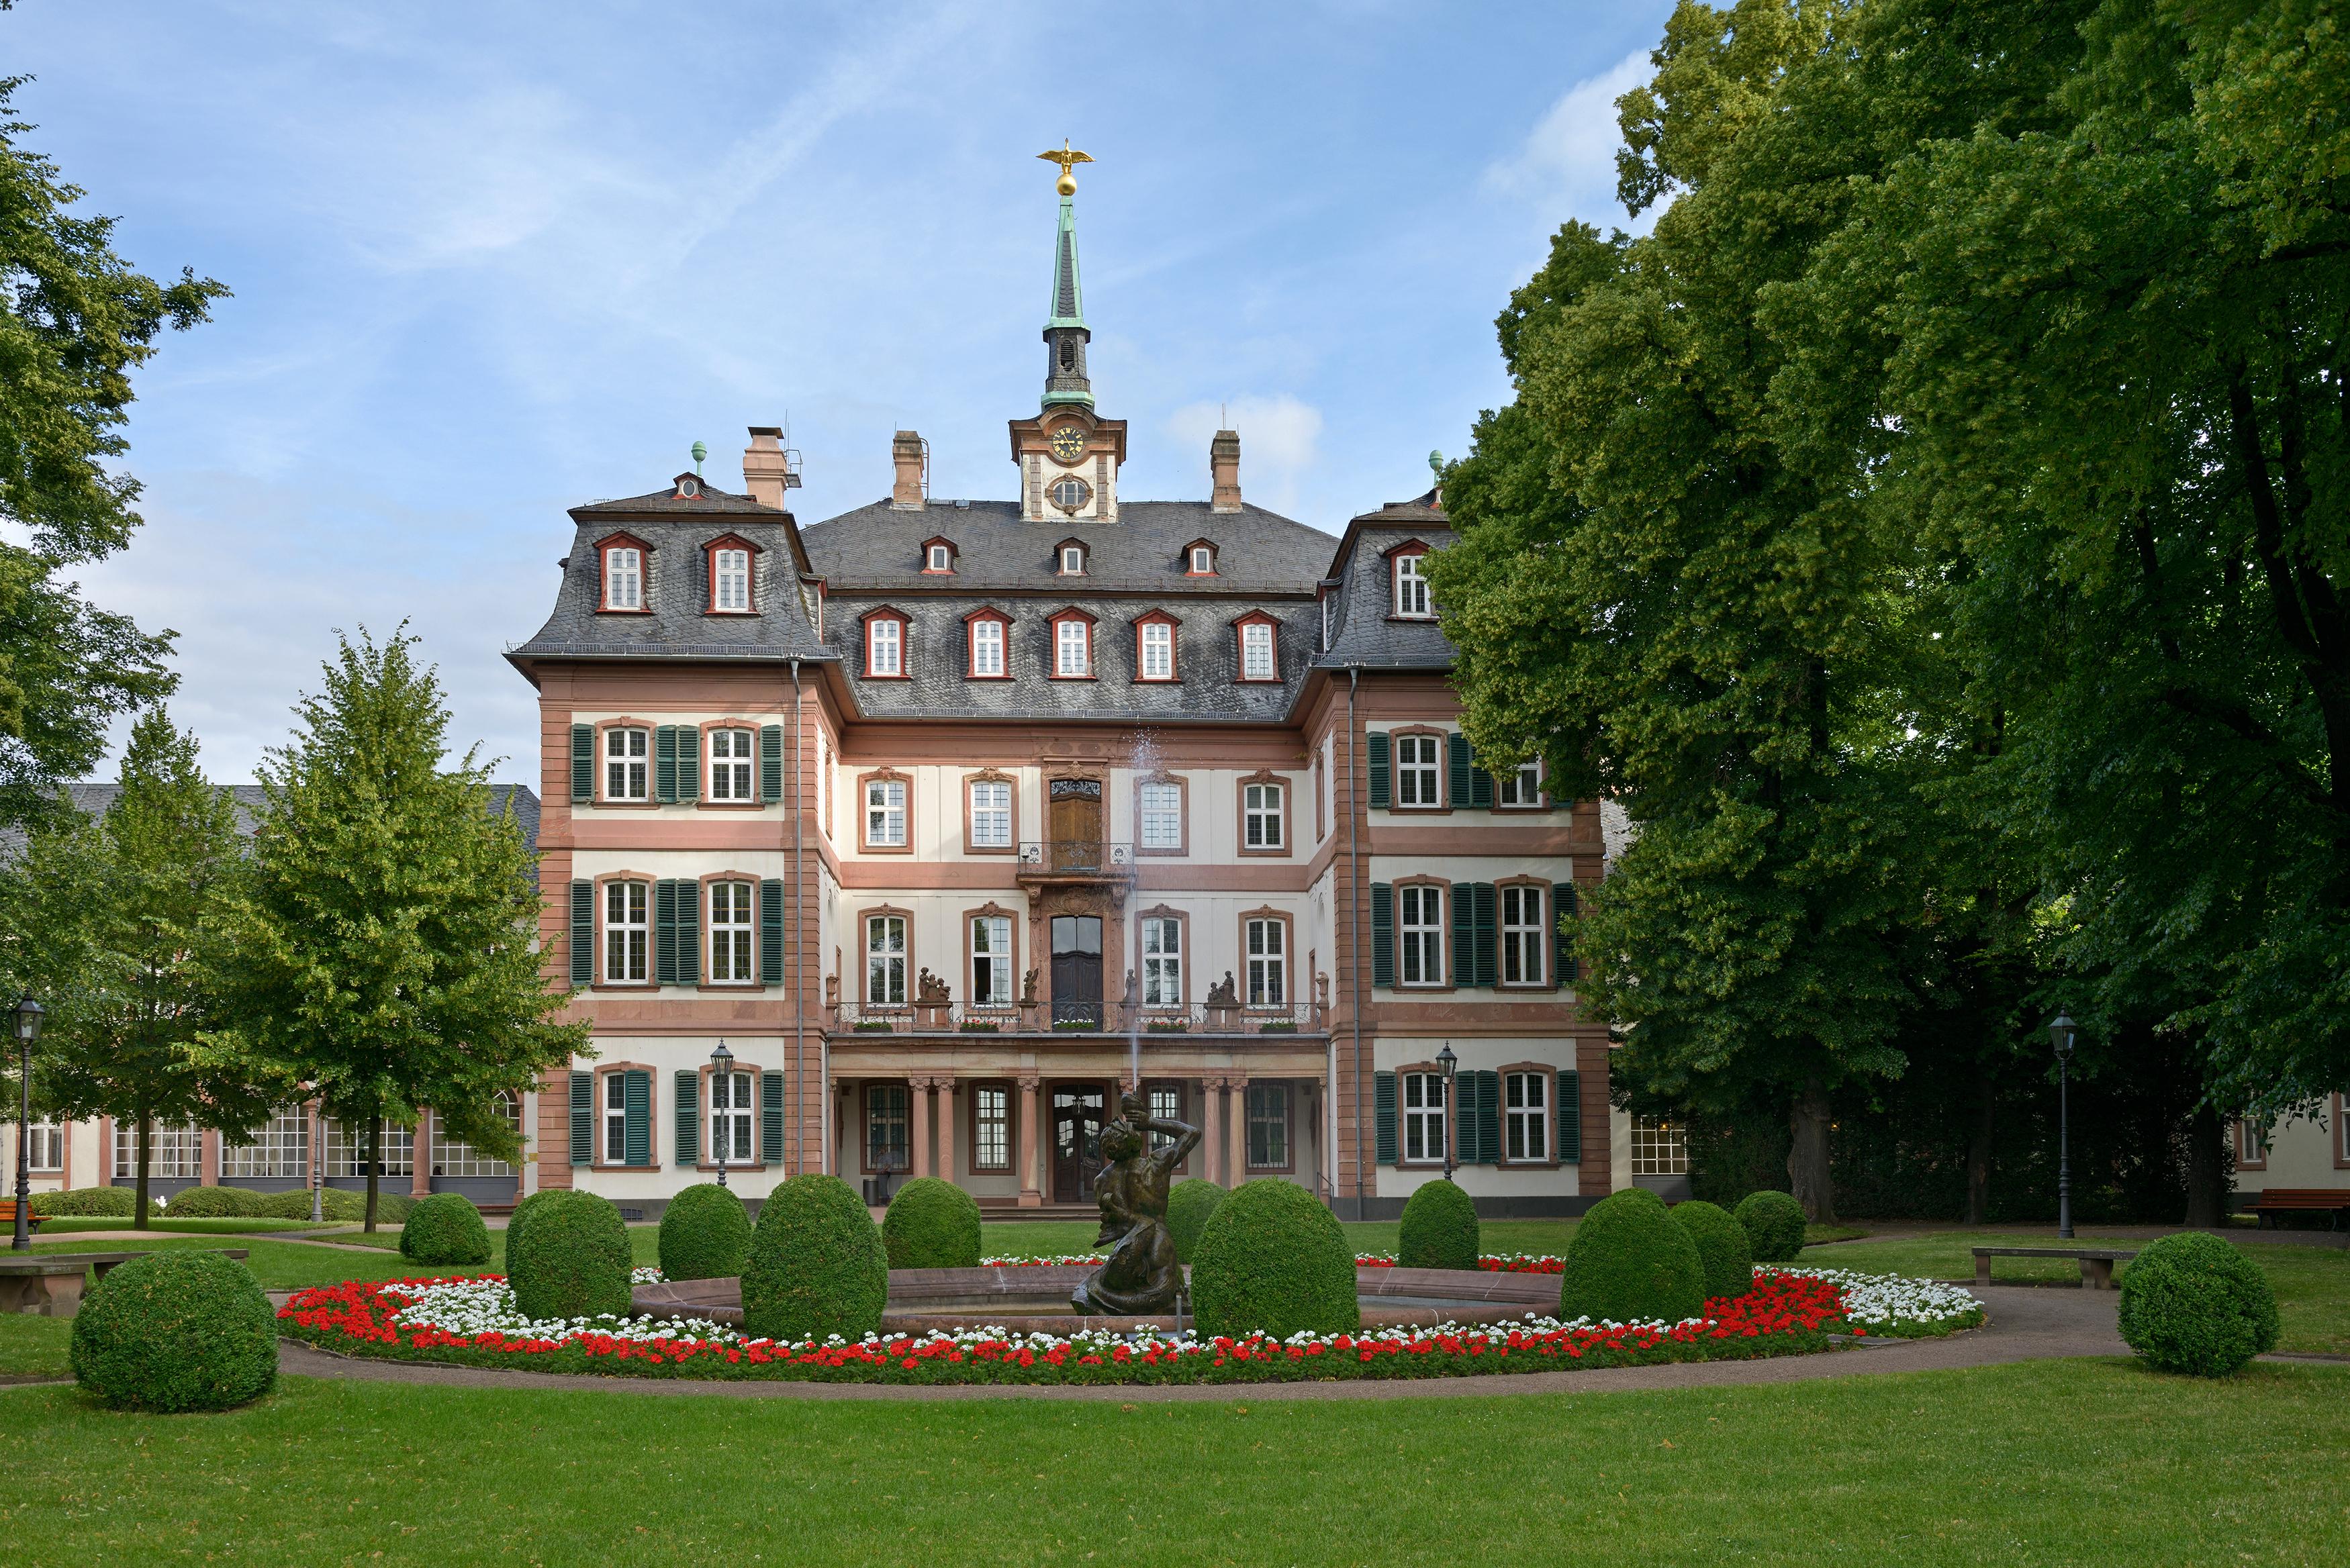 bolongaropalast frankfurt tourism. Black Bedroom Furniture Sets. Home Design Ideas